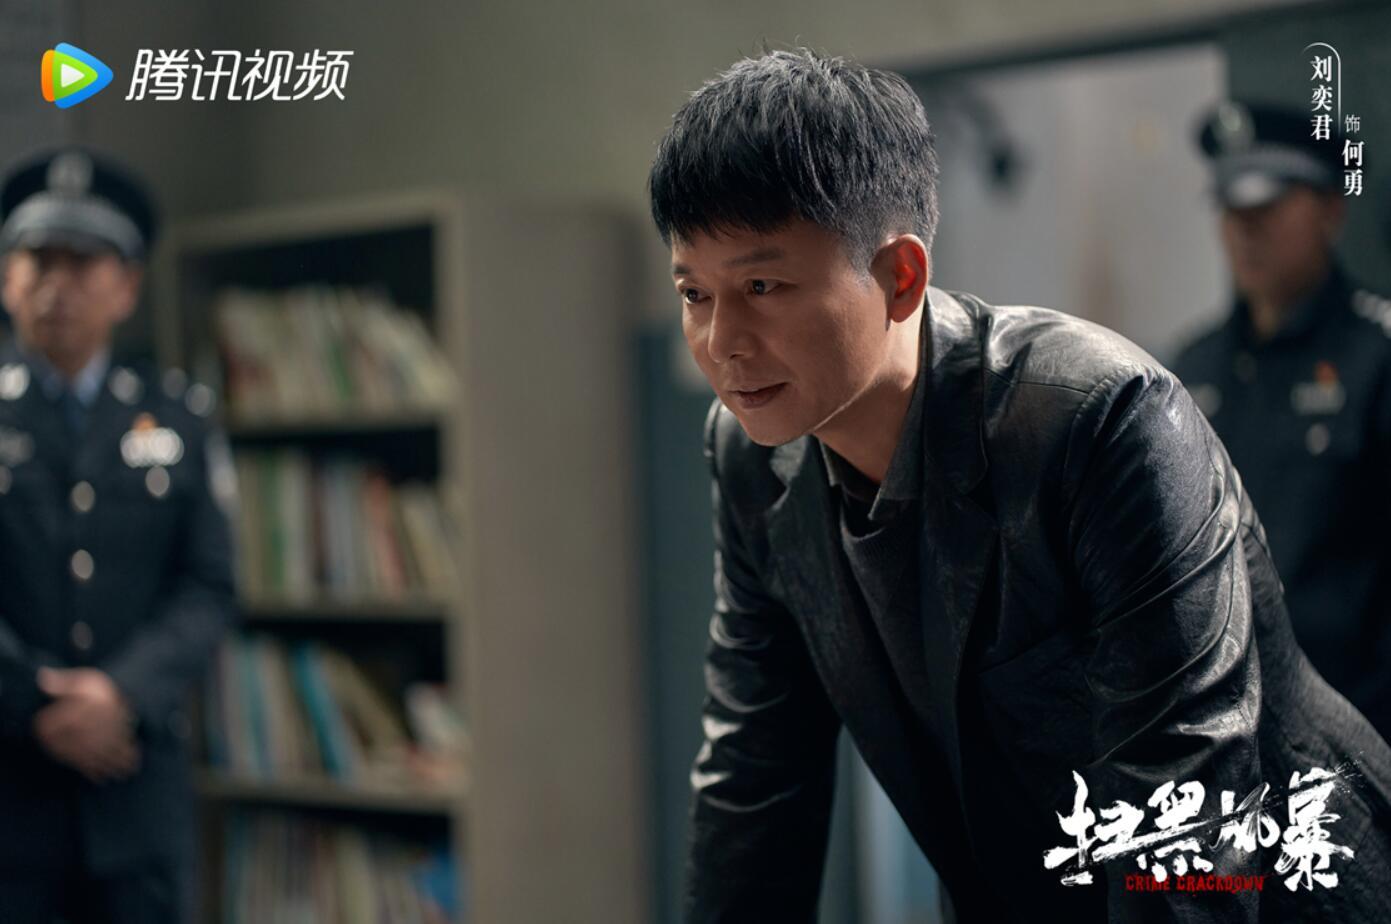 《扫黑风暴》杀青 孙红雷张艺兴再合作 刘奕君携众戏骨演绎真实扫黑案件